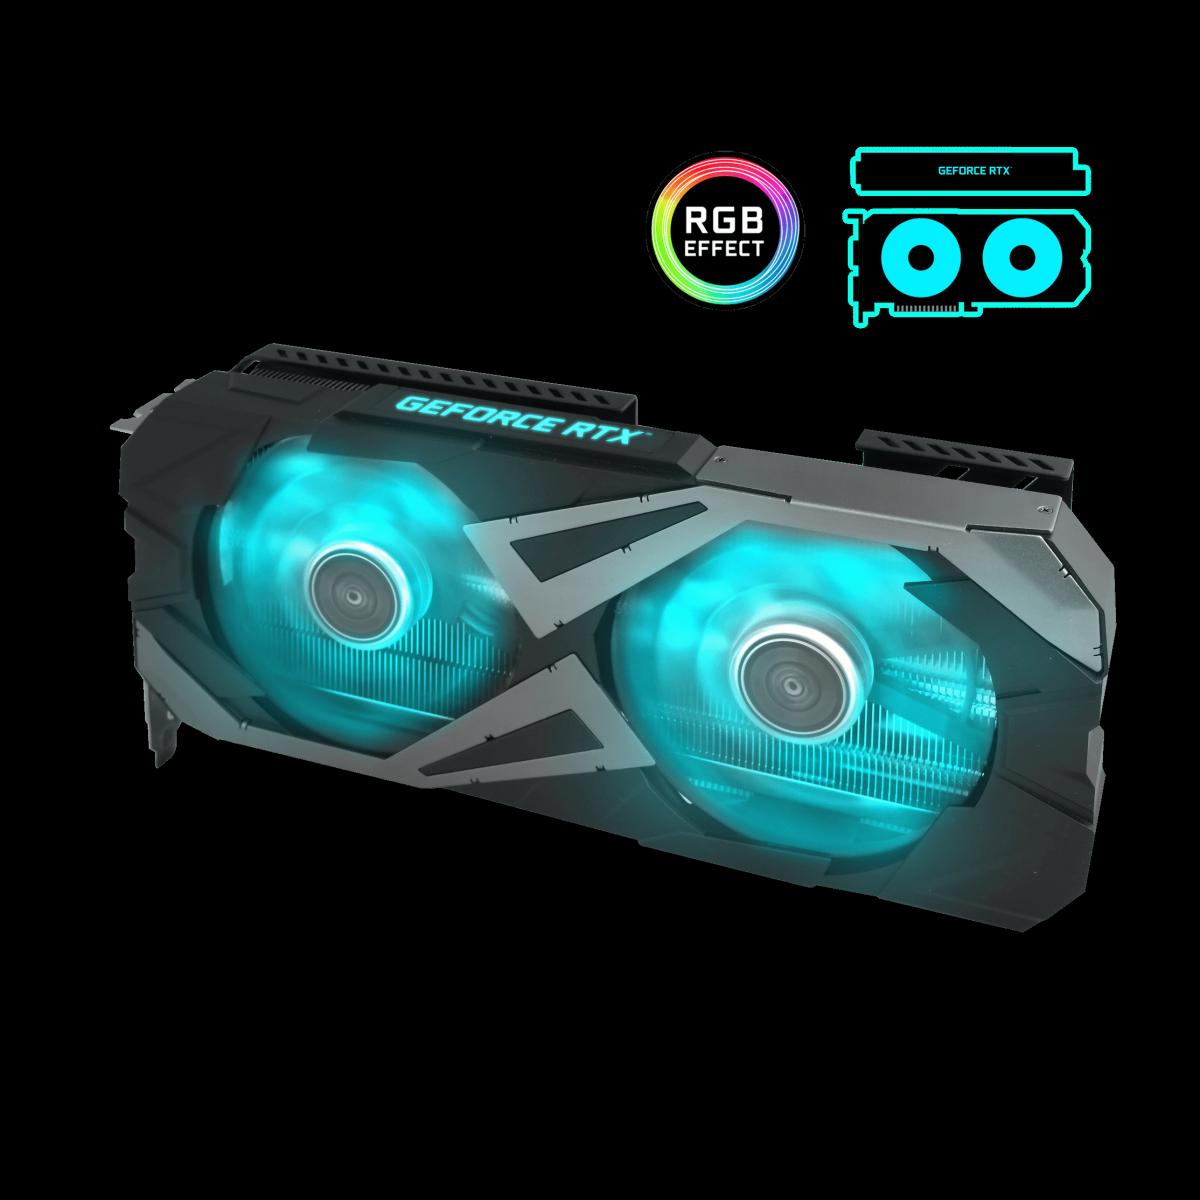 Placa de Vídeo Galax, GeForce, RTX 3060 Ti EX, 8GB, 1-Click OC, GDDR6, 256-bit, 36ISL6MD1WGG